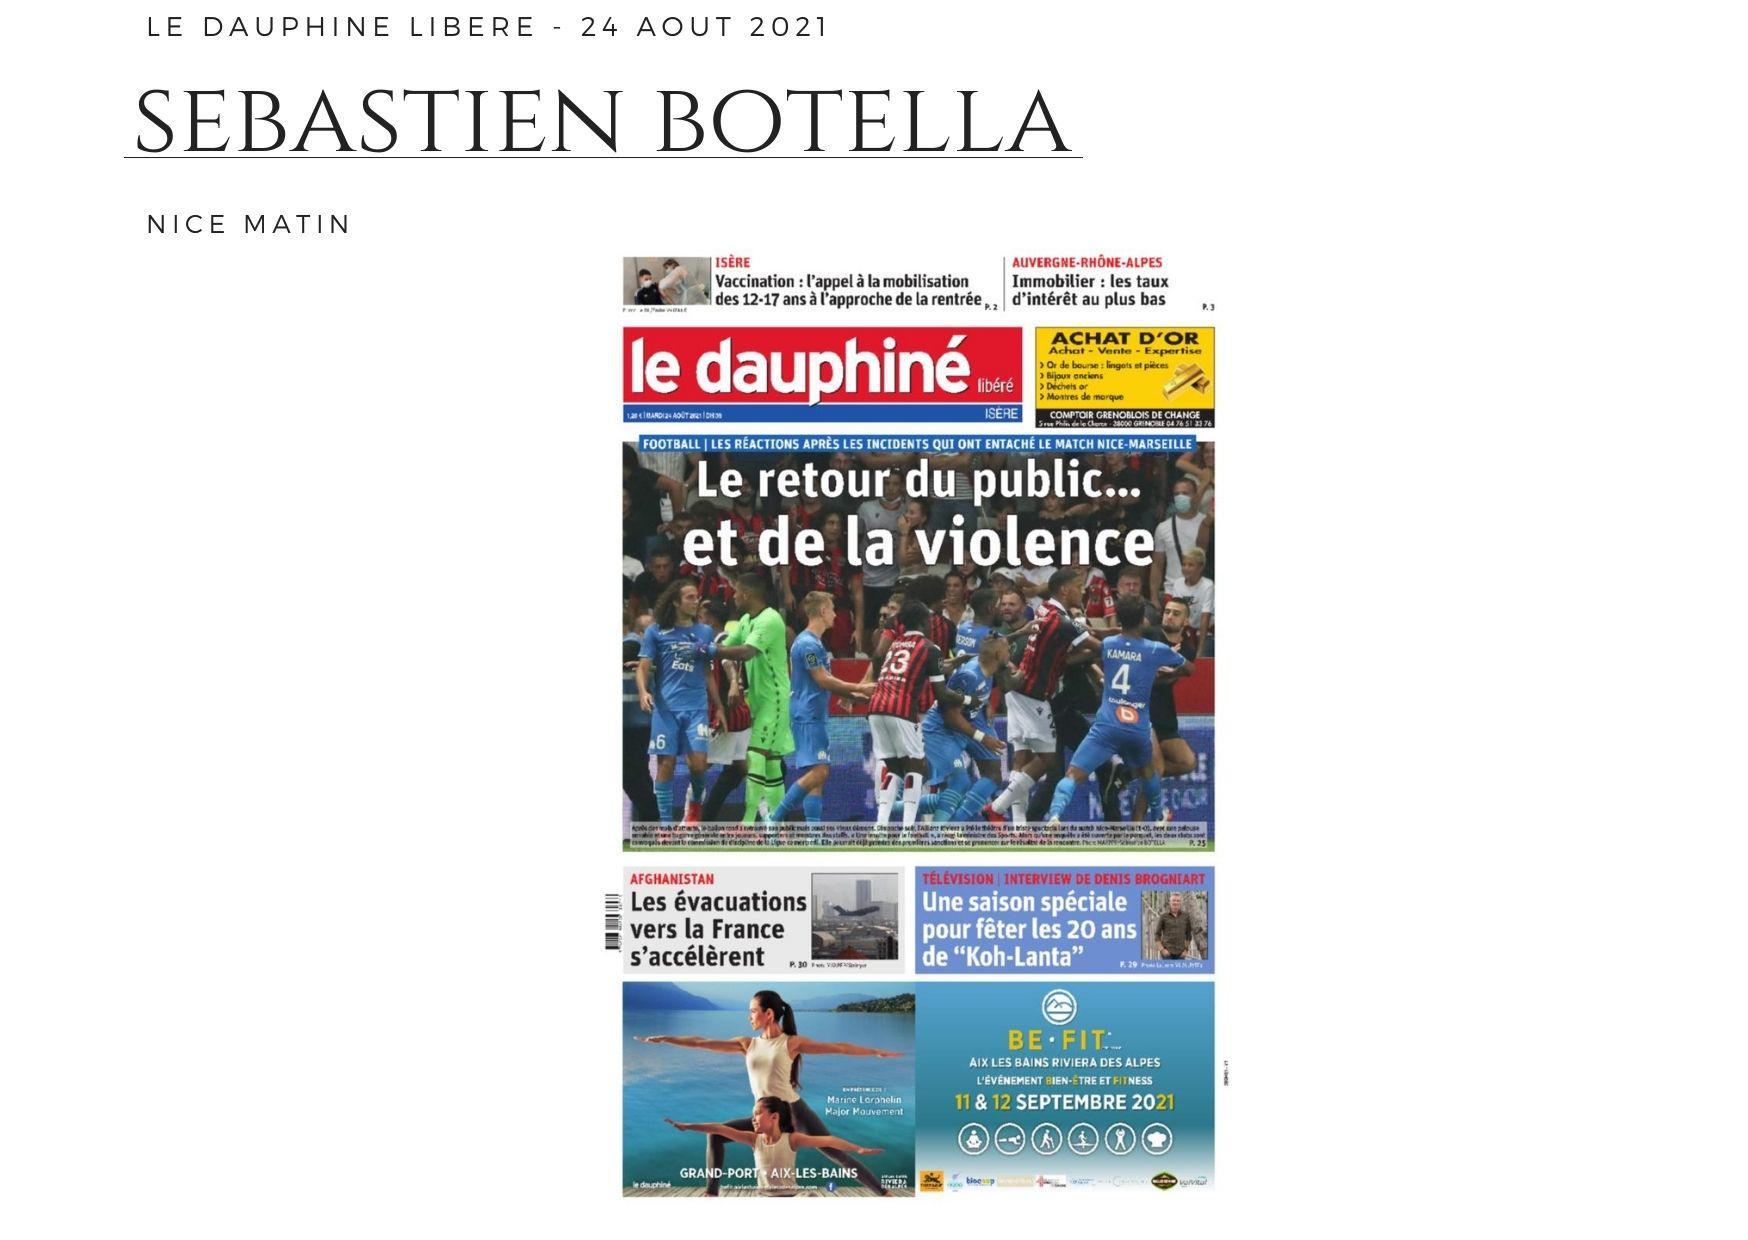 Le Dauphiné Libéré - 24 août 2021